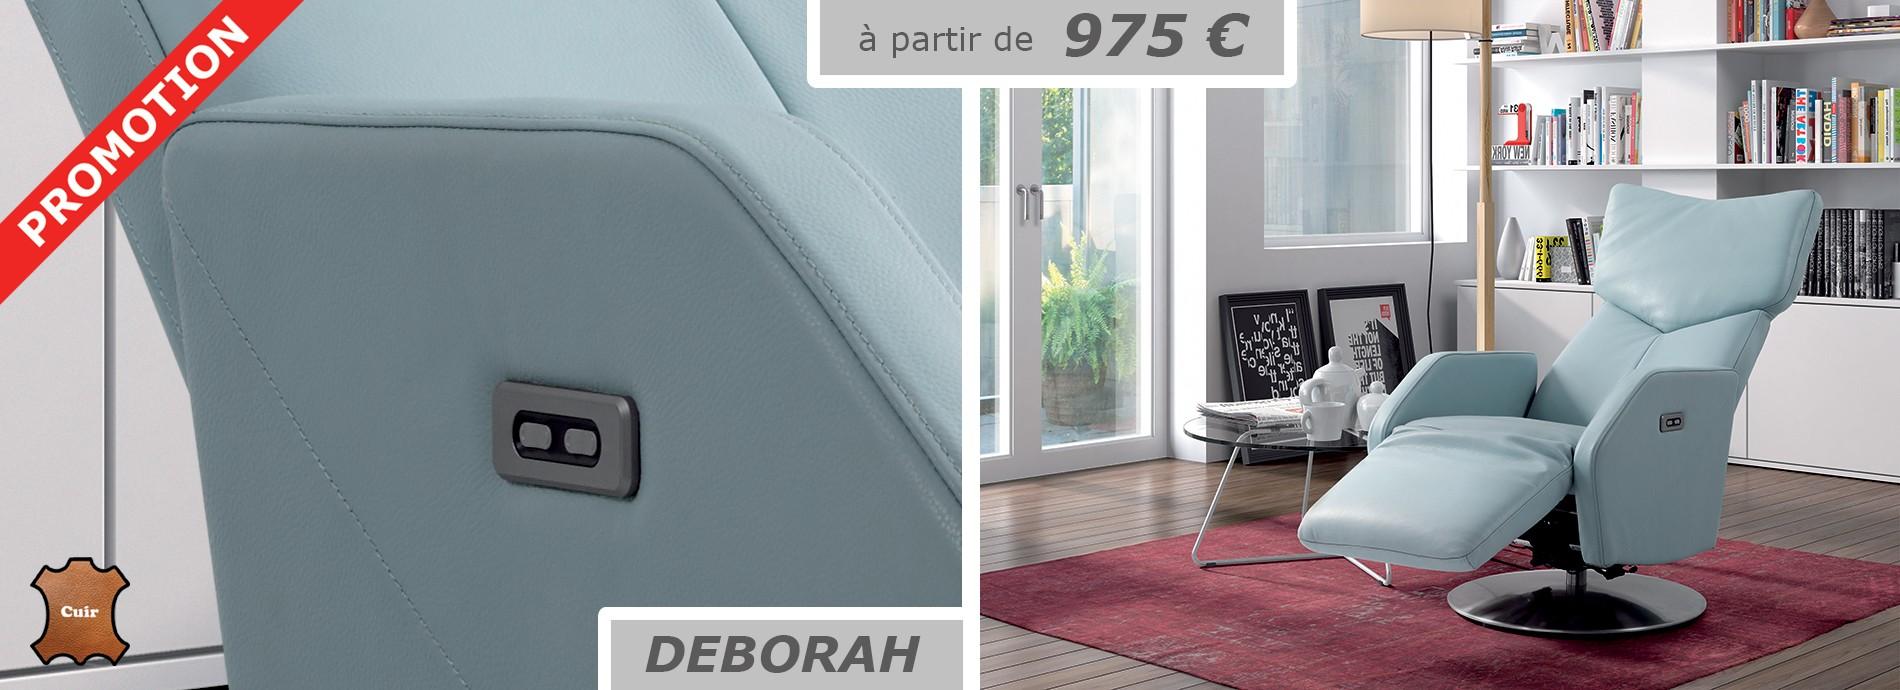 Fauteuil cuir relaxation électrique double moteur DEBORAH